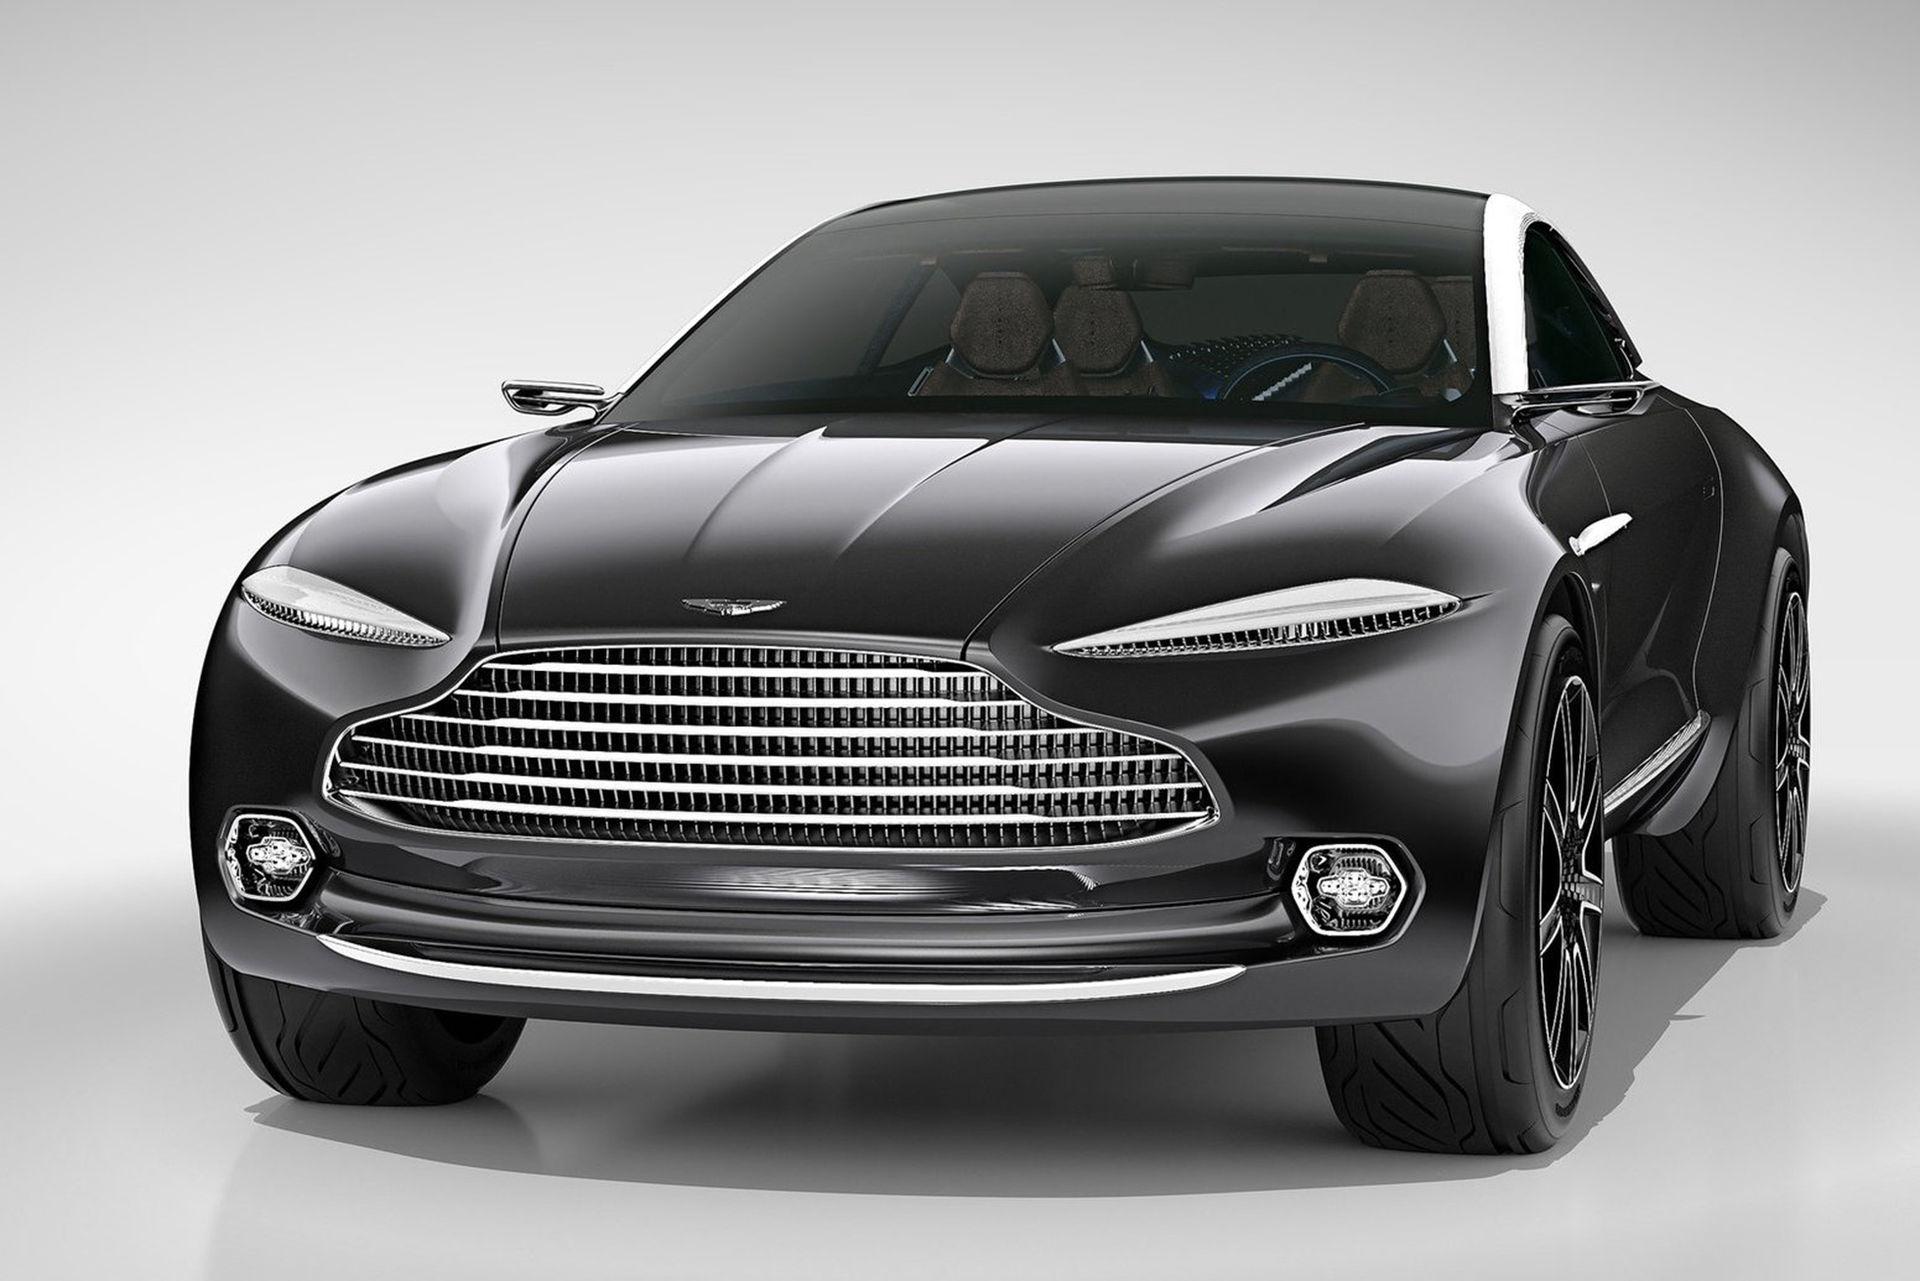 Aston Martins SUV presenteras i slutet av 2019